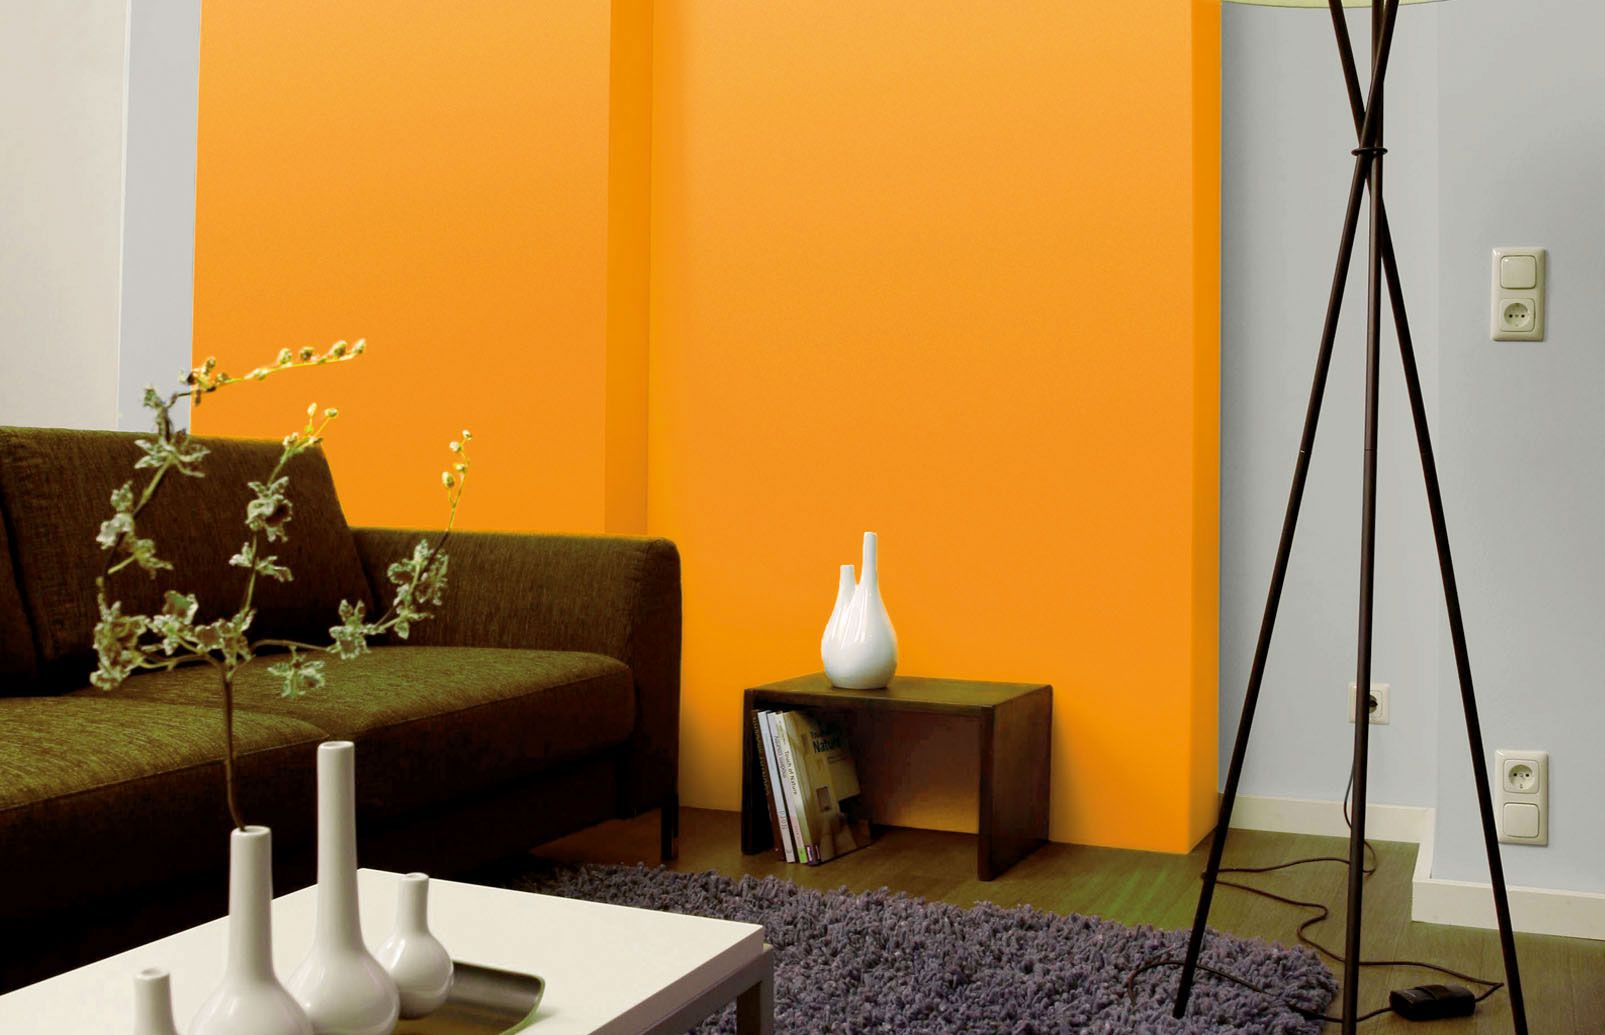 Alpina Wandfarbe Farbrezepte Sonnensturm 1 L Alpina Wandfarbe Wandfarbe Und Haus Deko